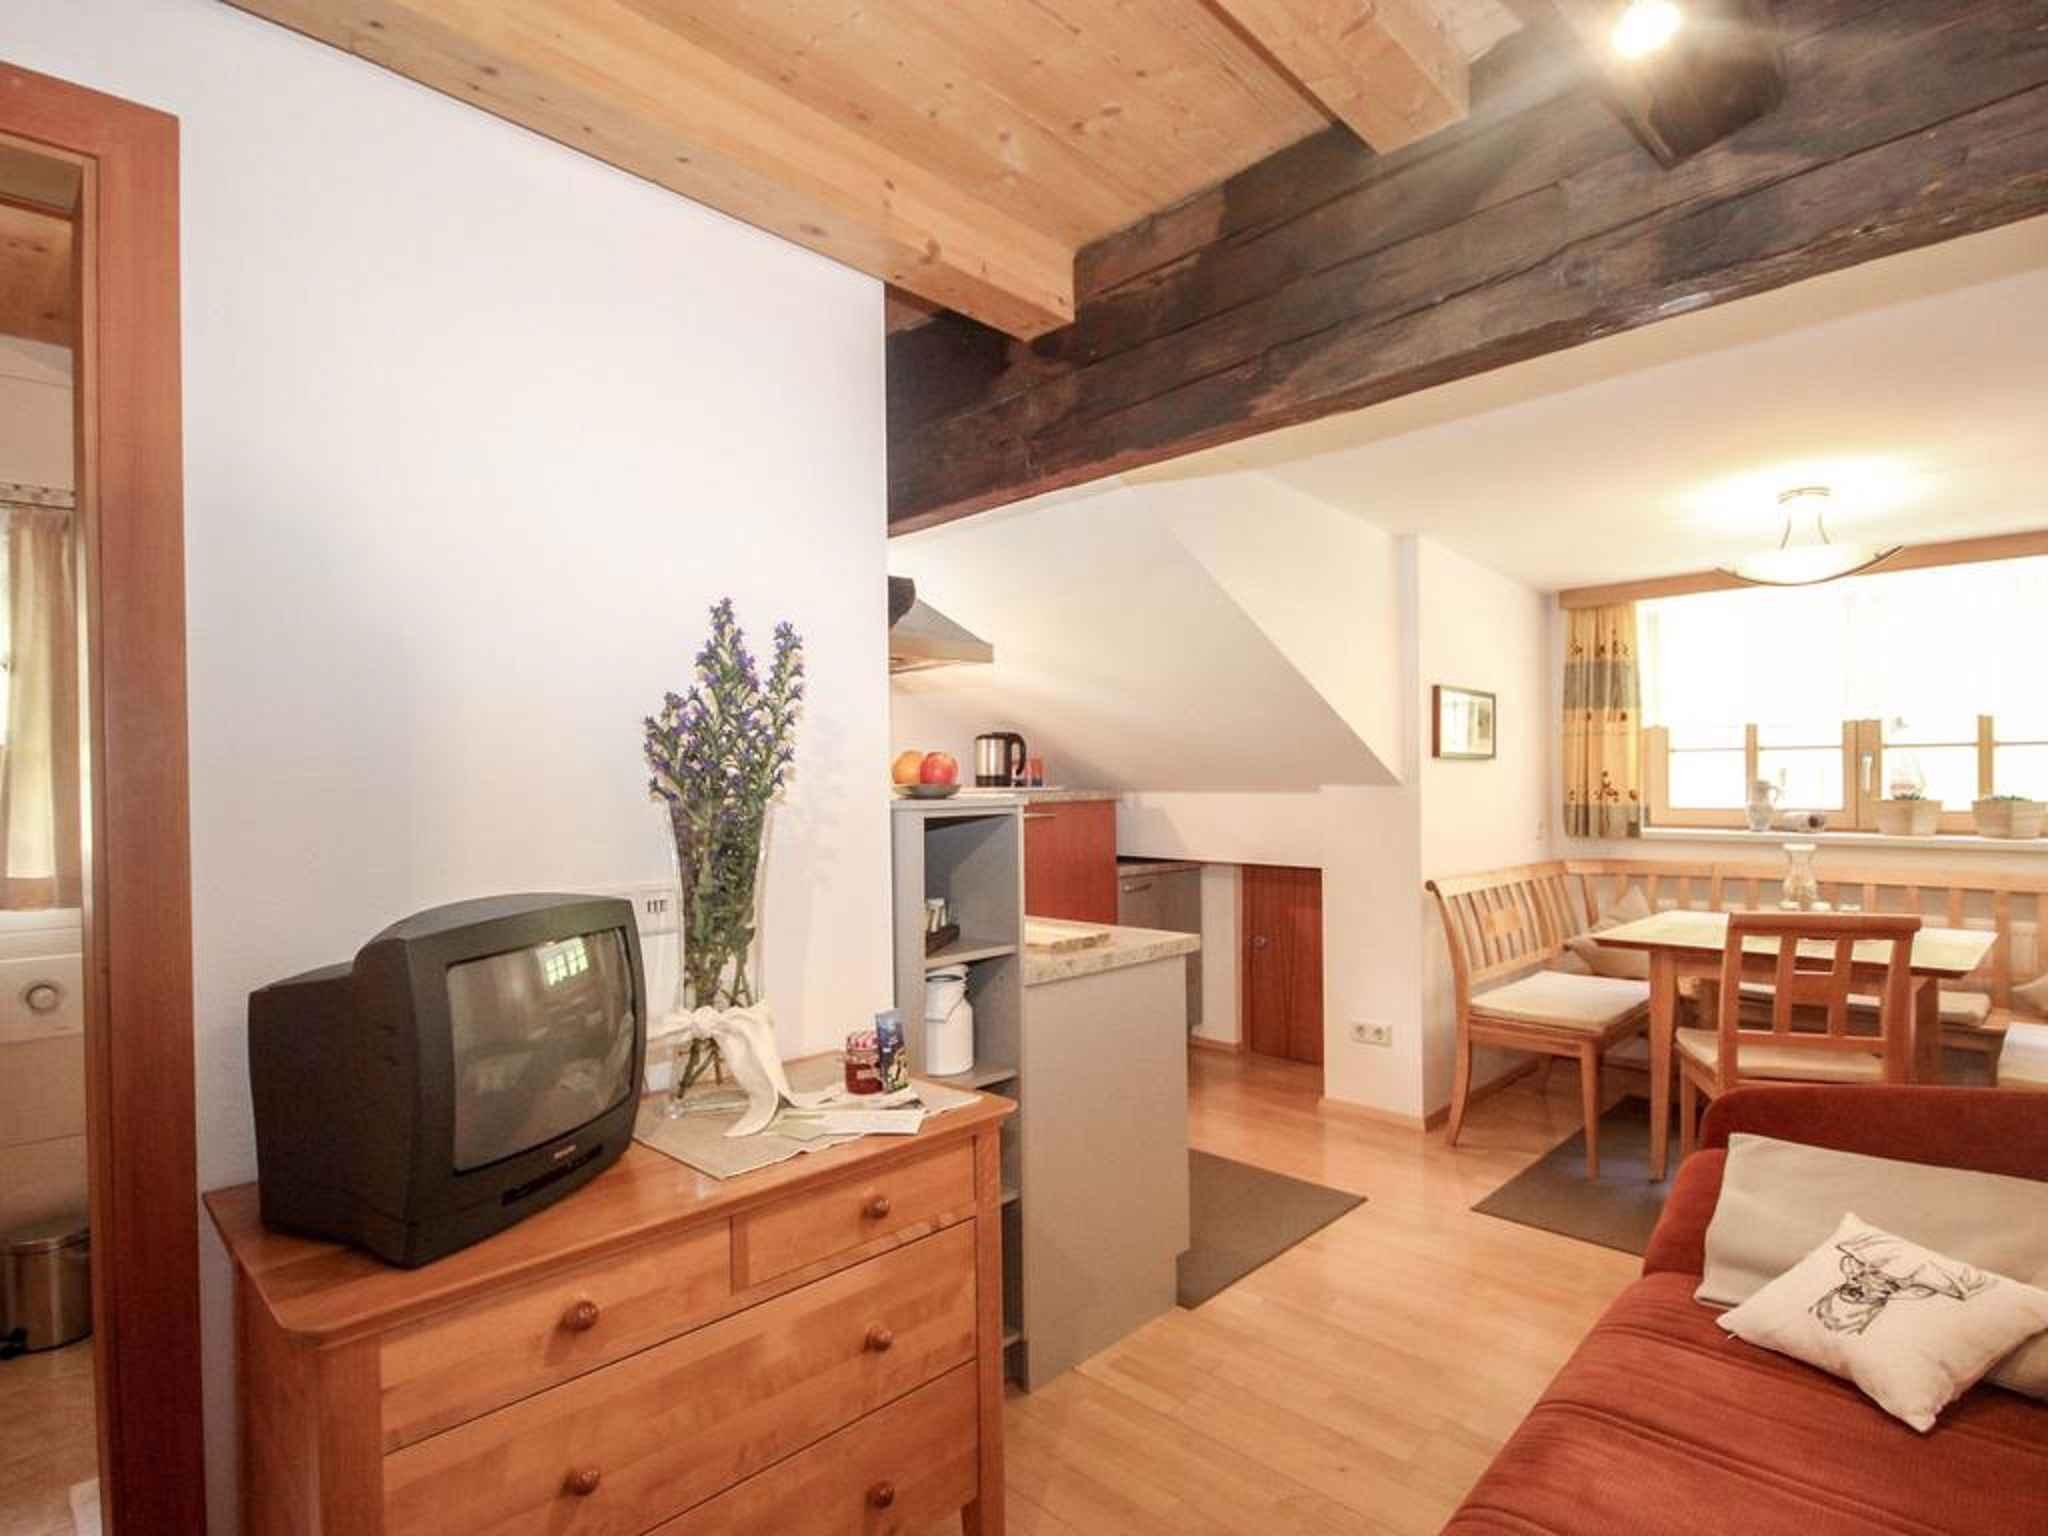 Ferienwohnung in einem über 300 Jahre alten Holzhaus (283708), Sölden (AT), Ötztal, Tirol, Österreich, Bild 15